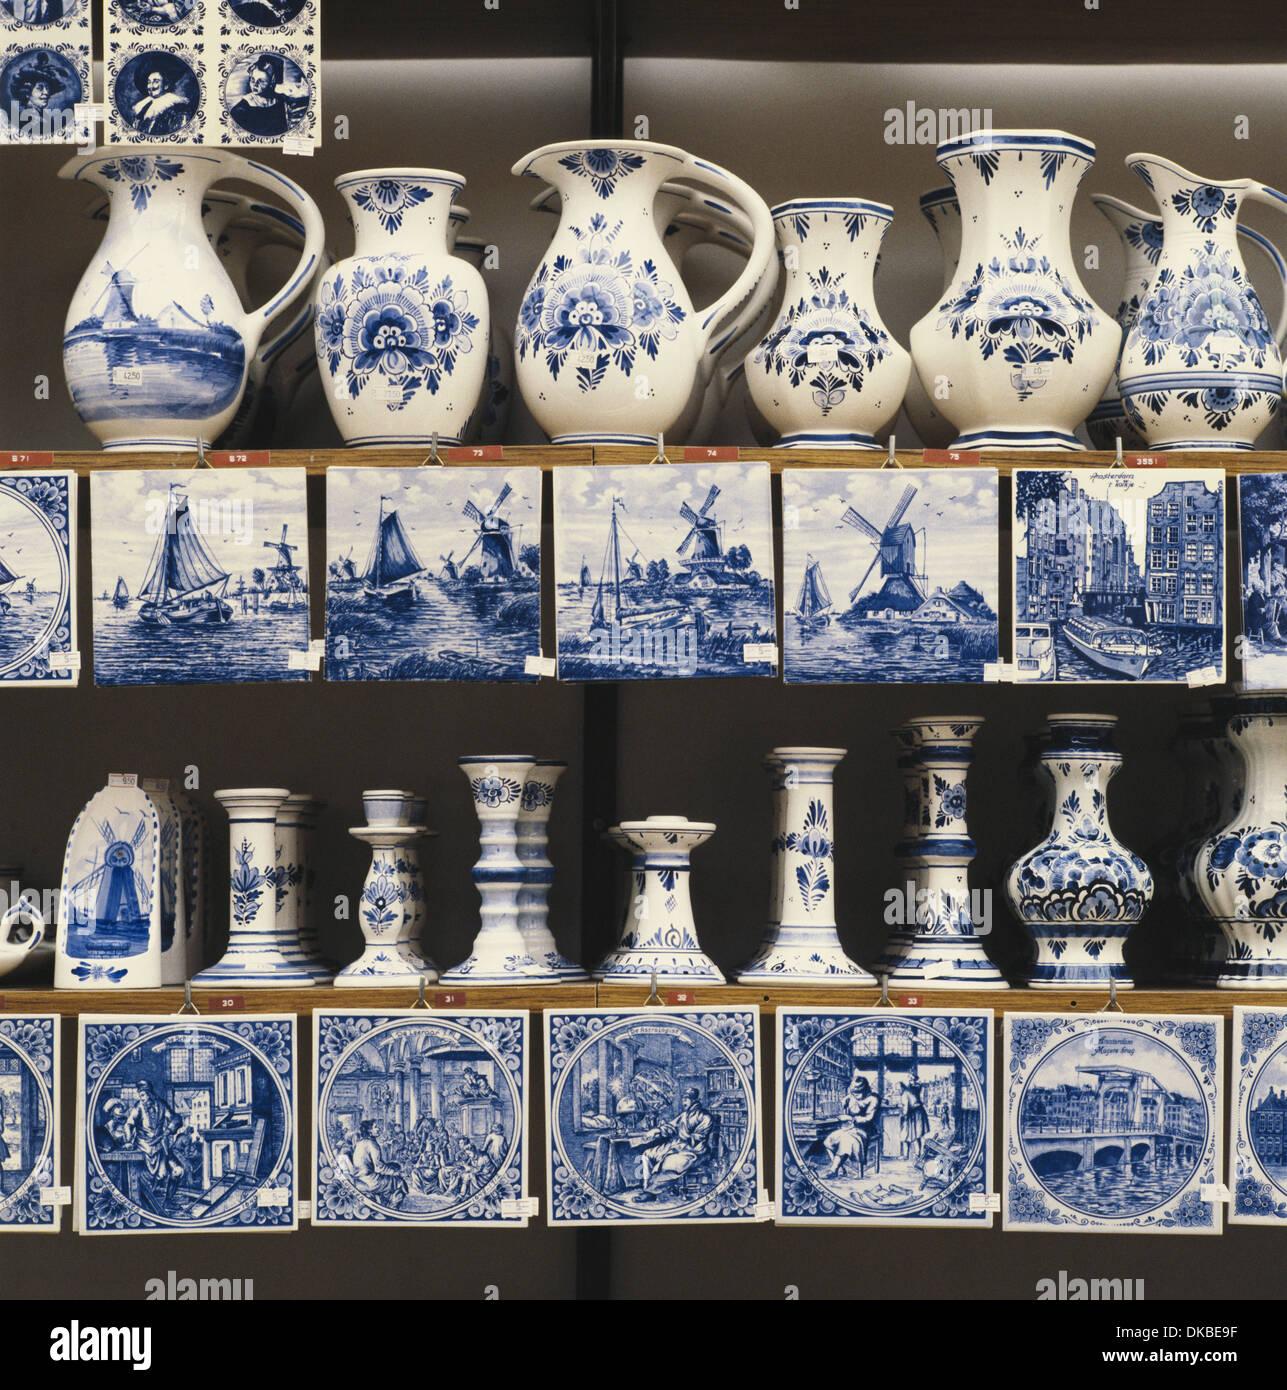 delfter blau china holland amsterdam niederlande stockfoto bild 63562283 alamy. Black Bedroom Furniture Sets. Home Design Ideas